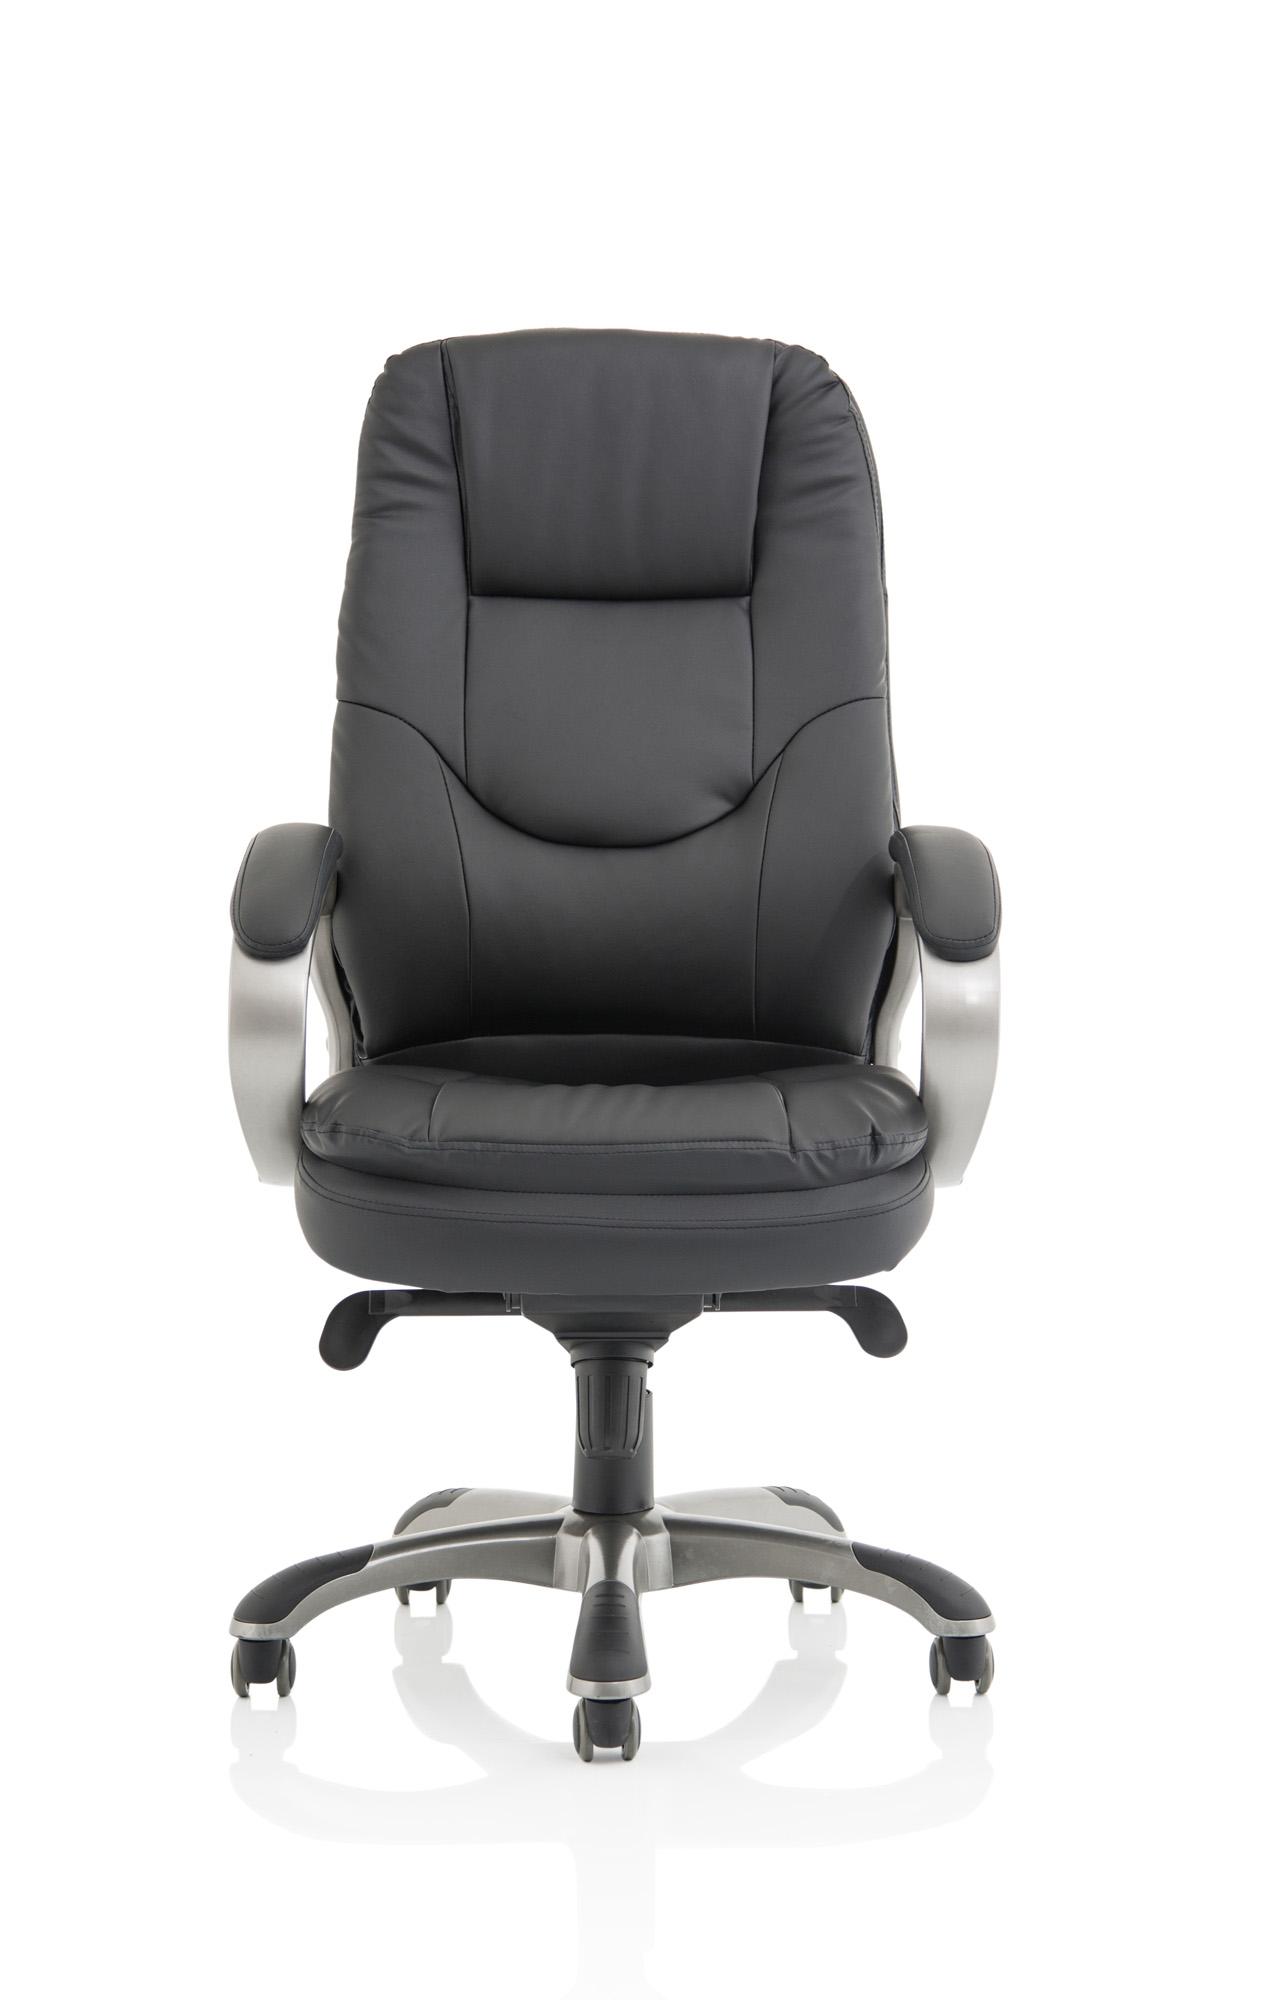 Oscar Executive Chair